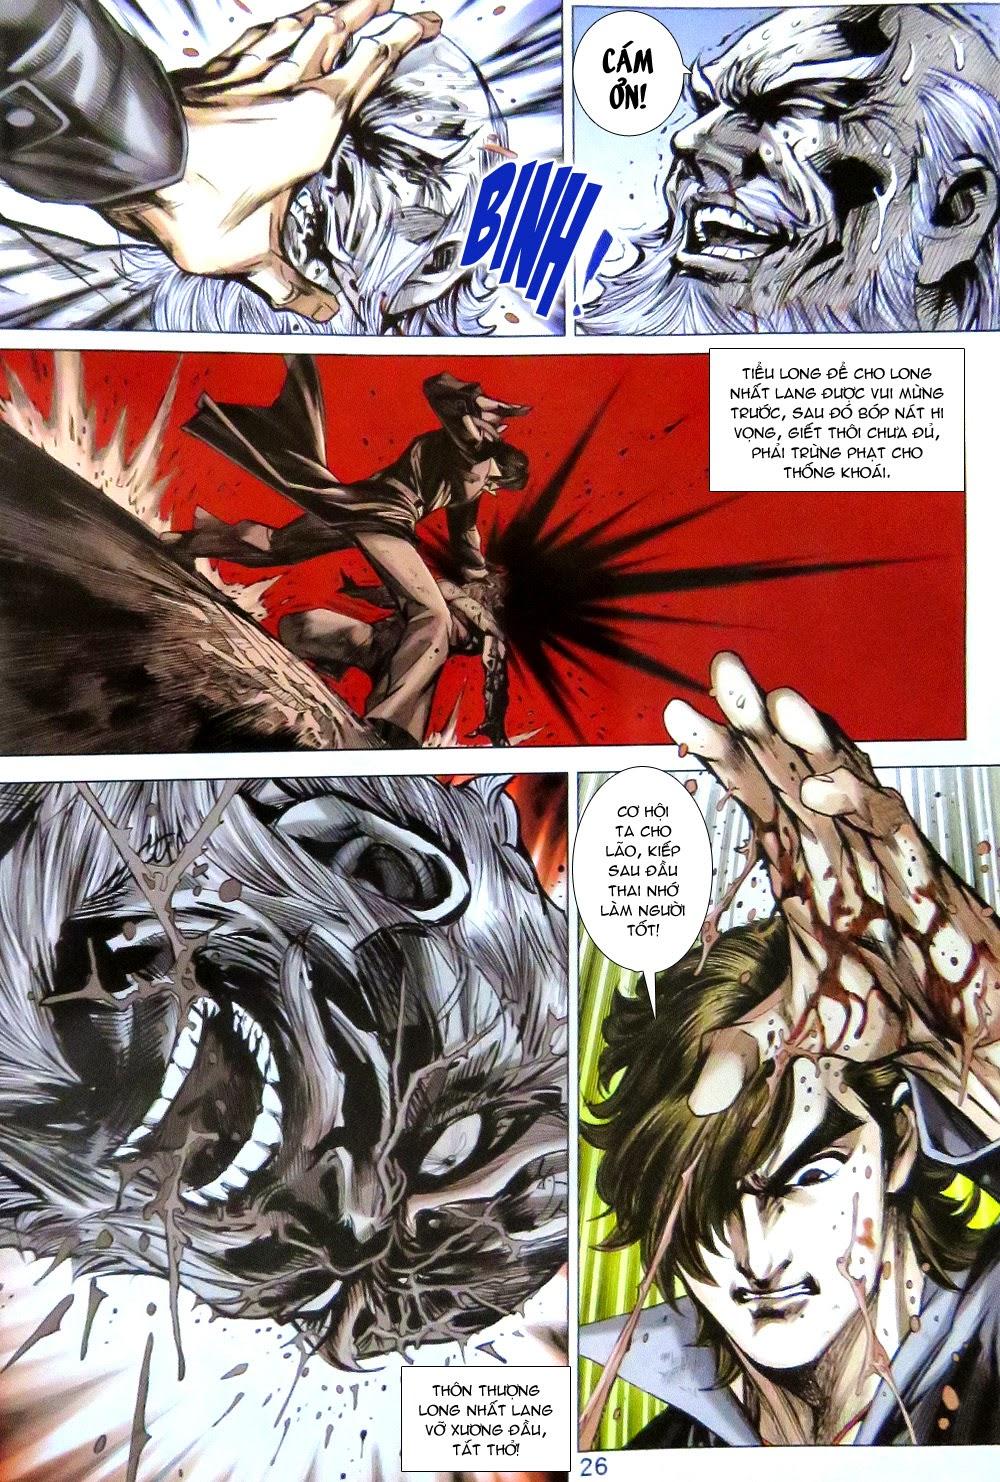 Tân Tác Long Hổ Môn chap 779 Trang 26 - Mangak.info